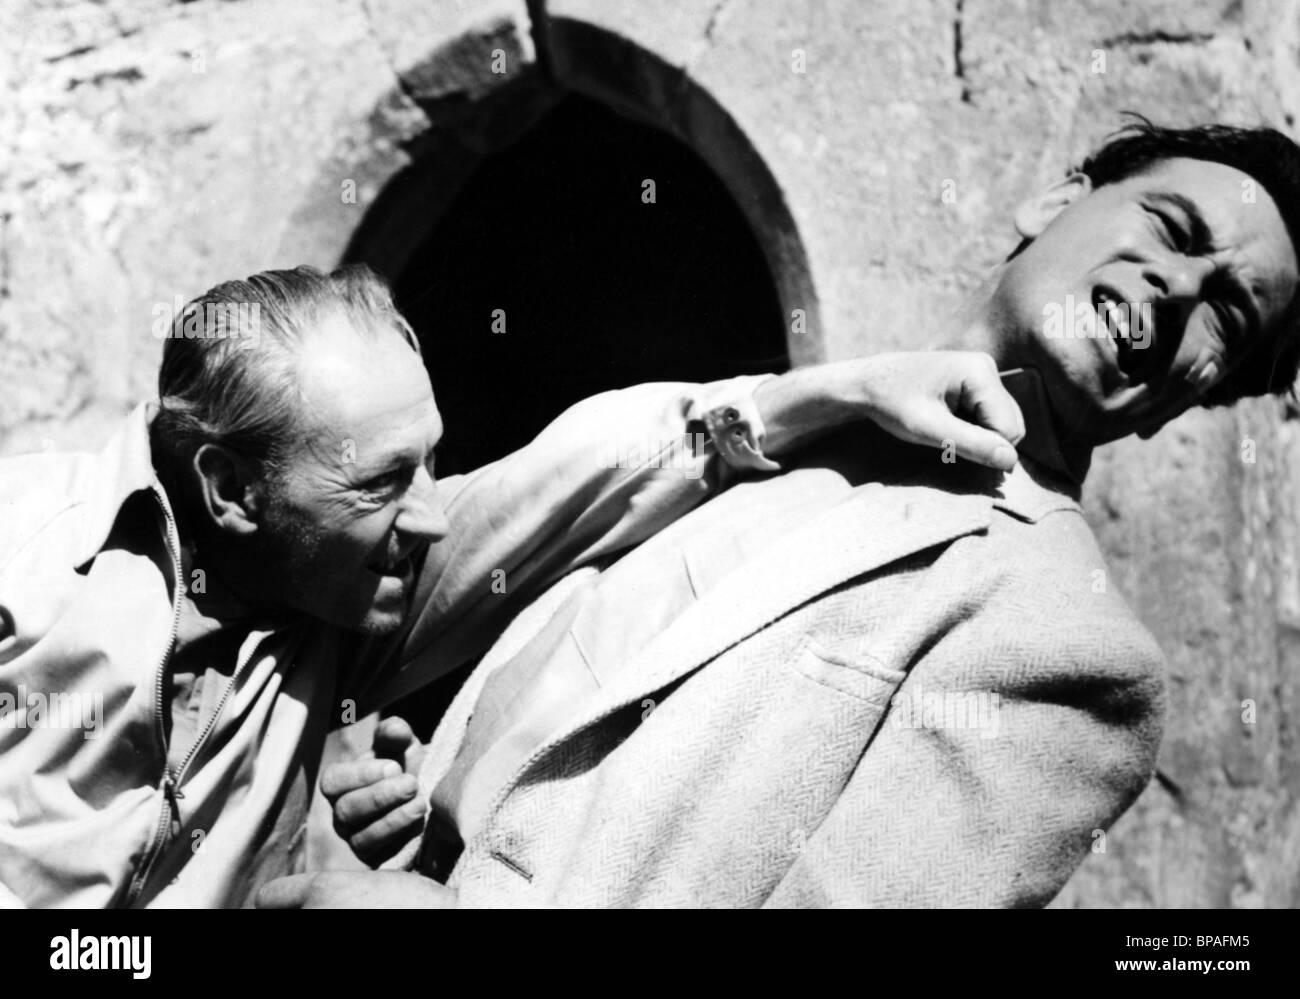 WILLIAM HARTNELL & CONRAD PHILLIPS THE DESPERATE MAN (1959) - Stock Image